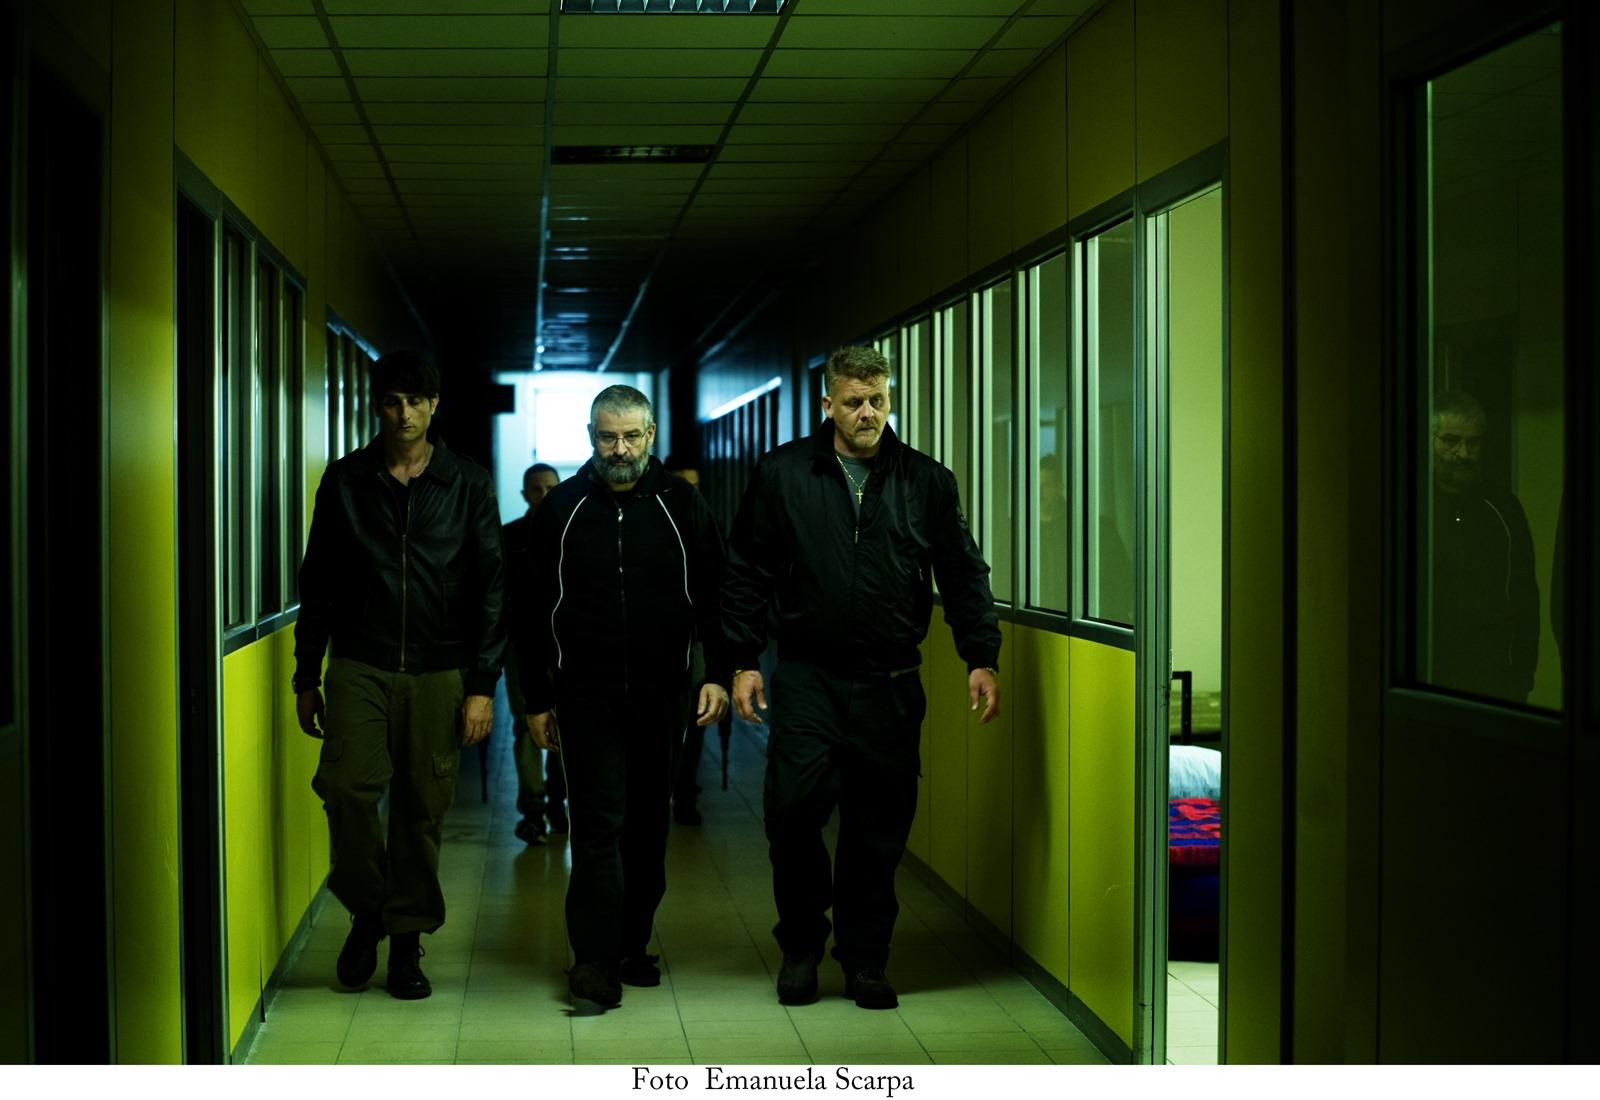 Gomorra - La serie: Fortunato Cerlino è il boss Pietro Savastano in una scena dei nuovi episodi